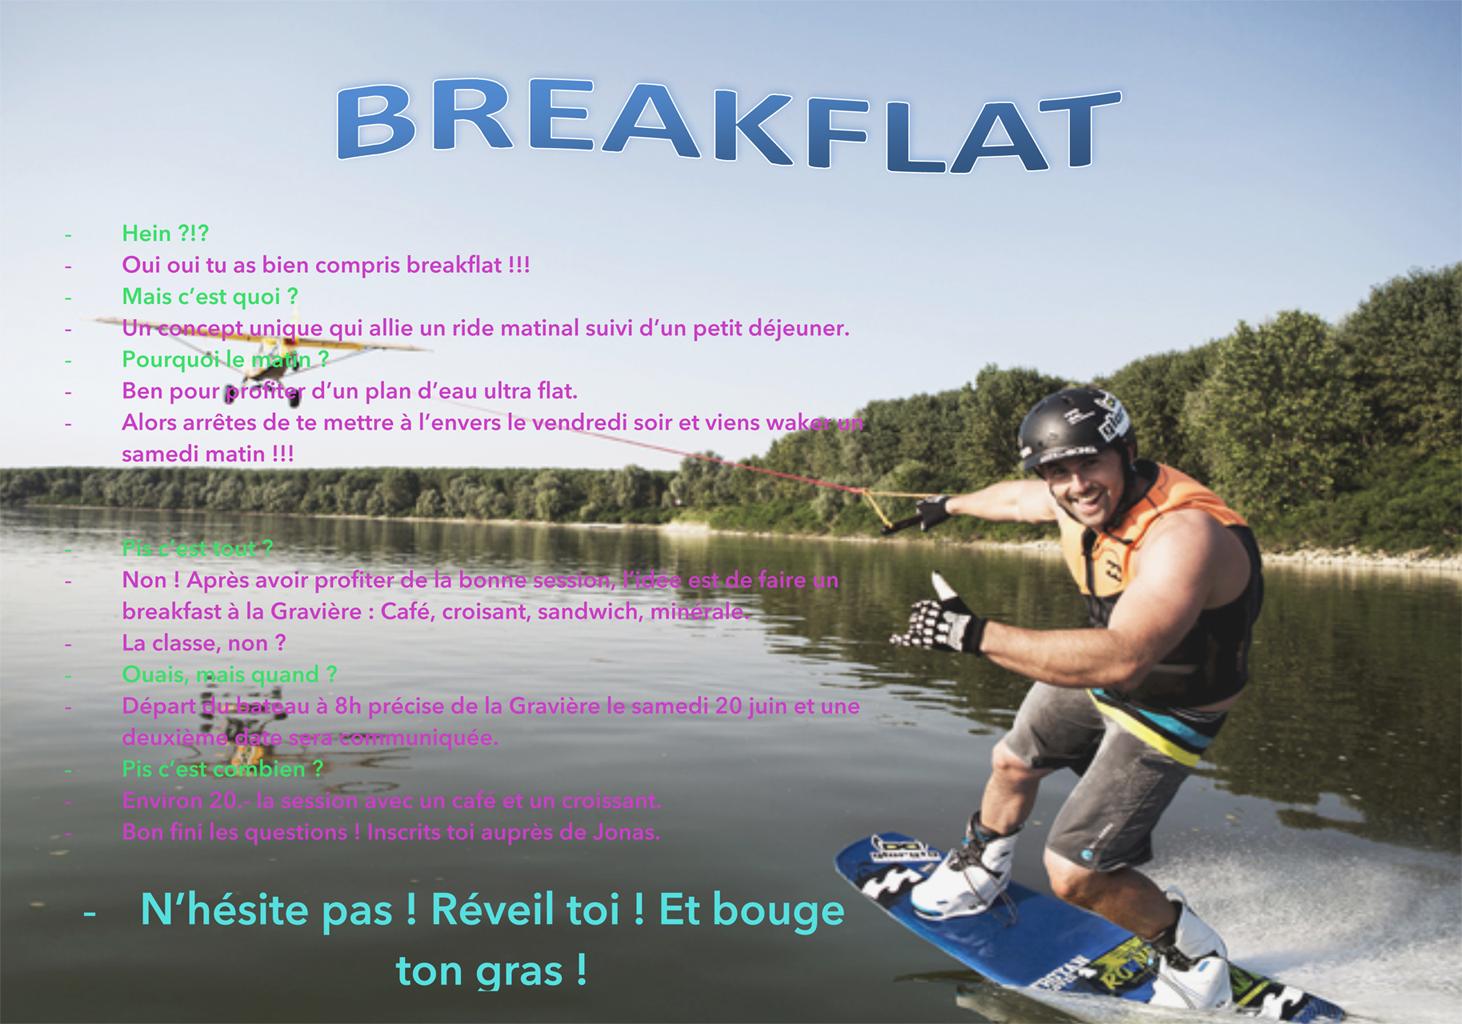 Breakflat